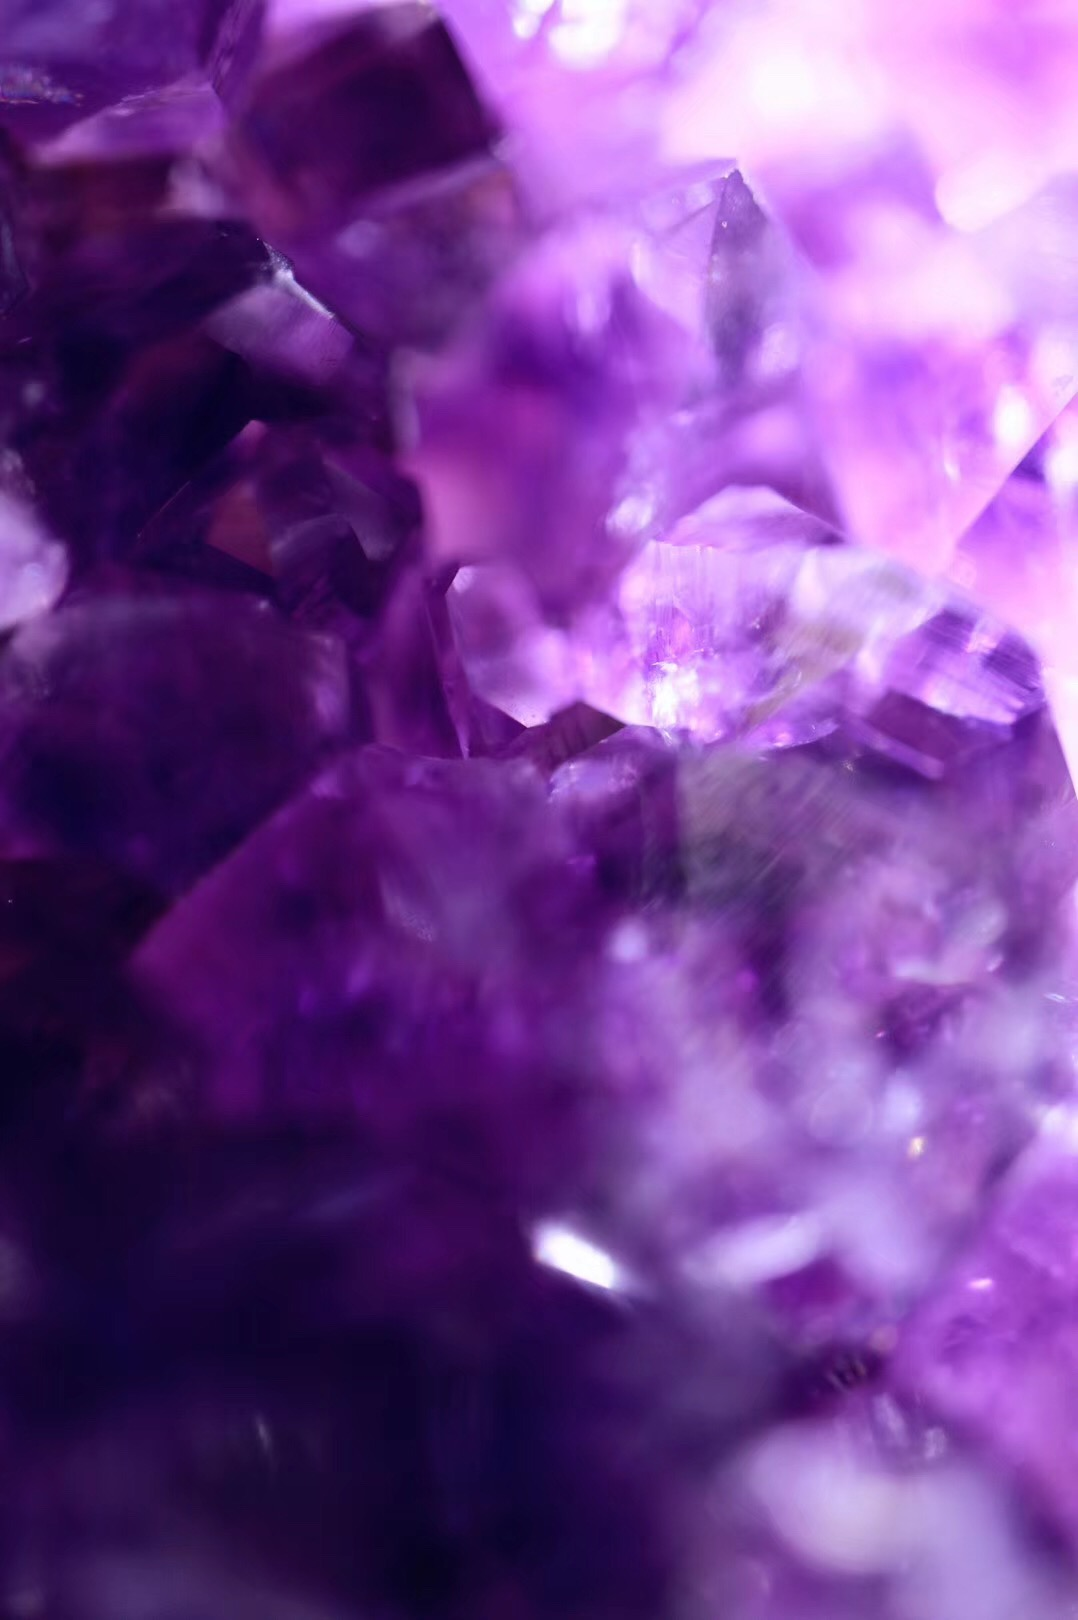 【菩心   乌拉圭紫晶簇】可带来灵感和智慧,也是最常用的风水石!-菩心晶舍